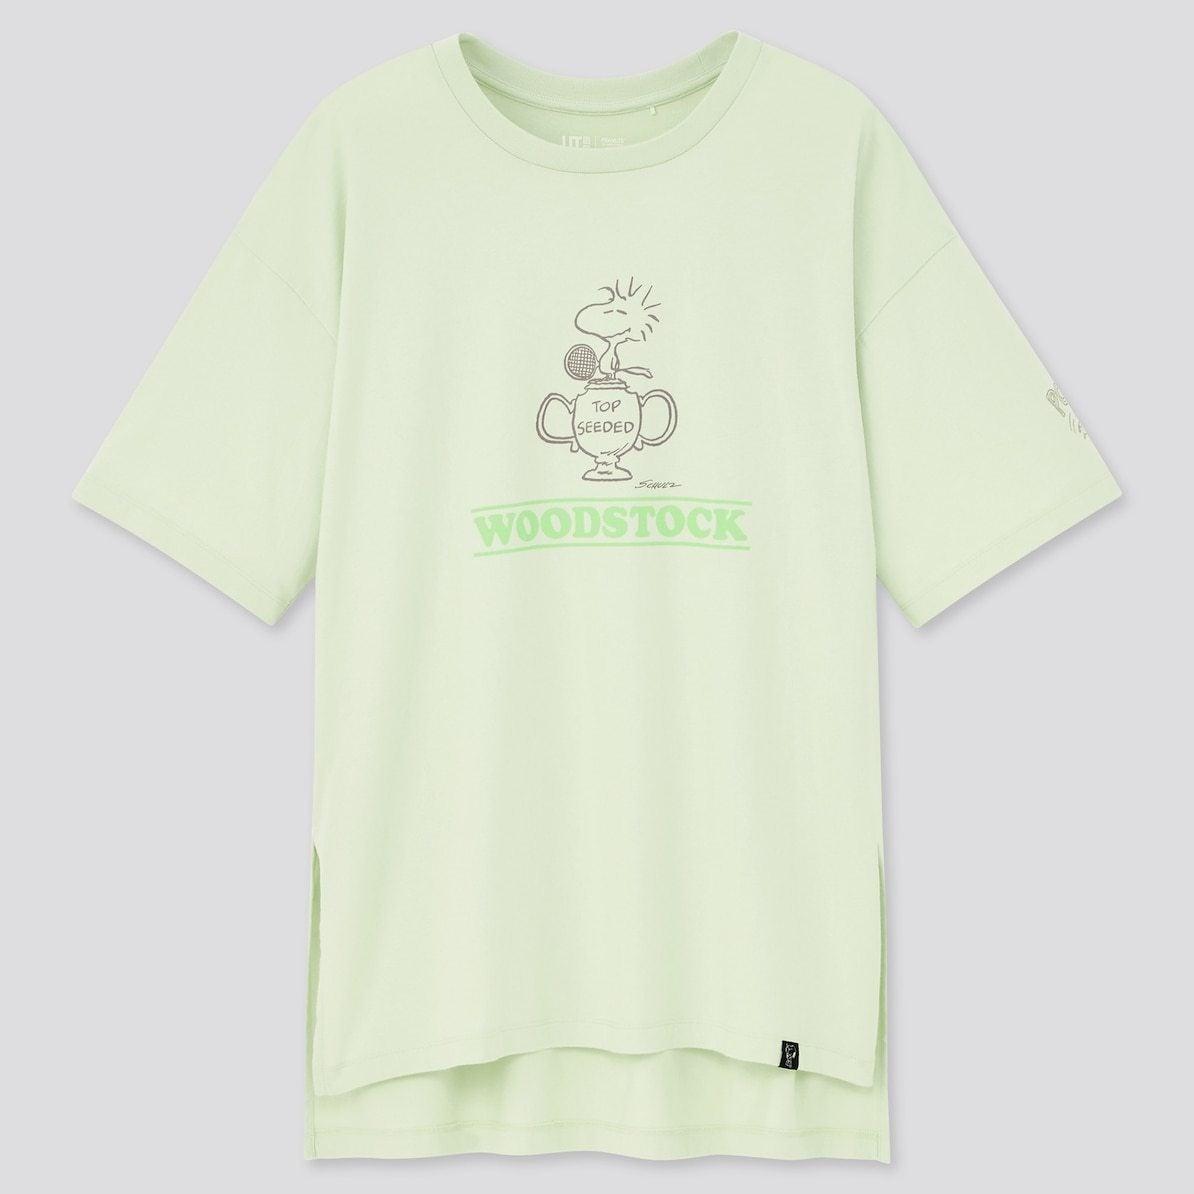 ユニクロ UNIQLO UT Tシャツ ユーティー スヌーピー ピーナッツ SNOOPY PEANUTS ヴィンテージ VINTAGE コラボ 新作 トップス おすすめ レディース 女性 グリーン ウッドストック WOODSTOCK グリーン